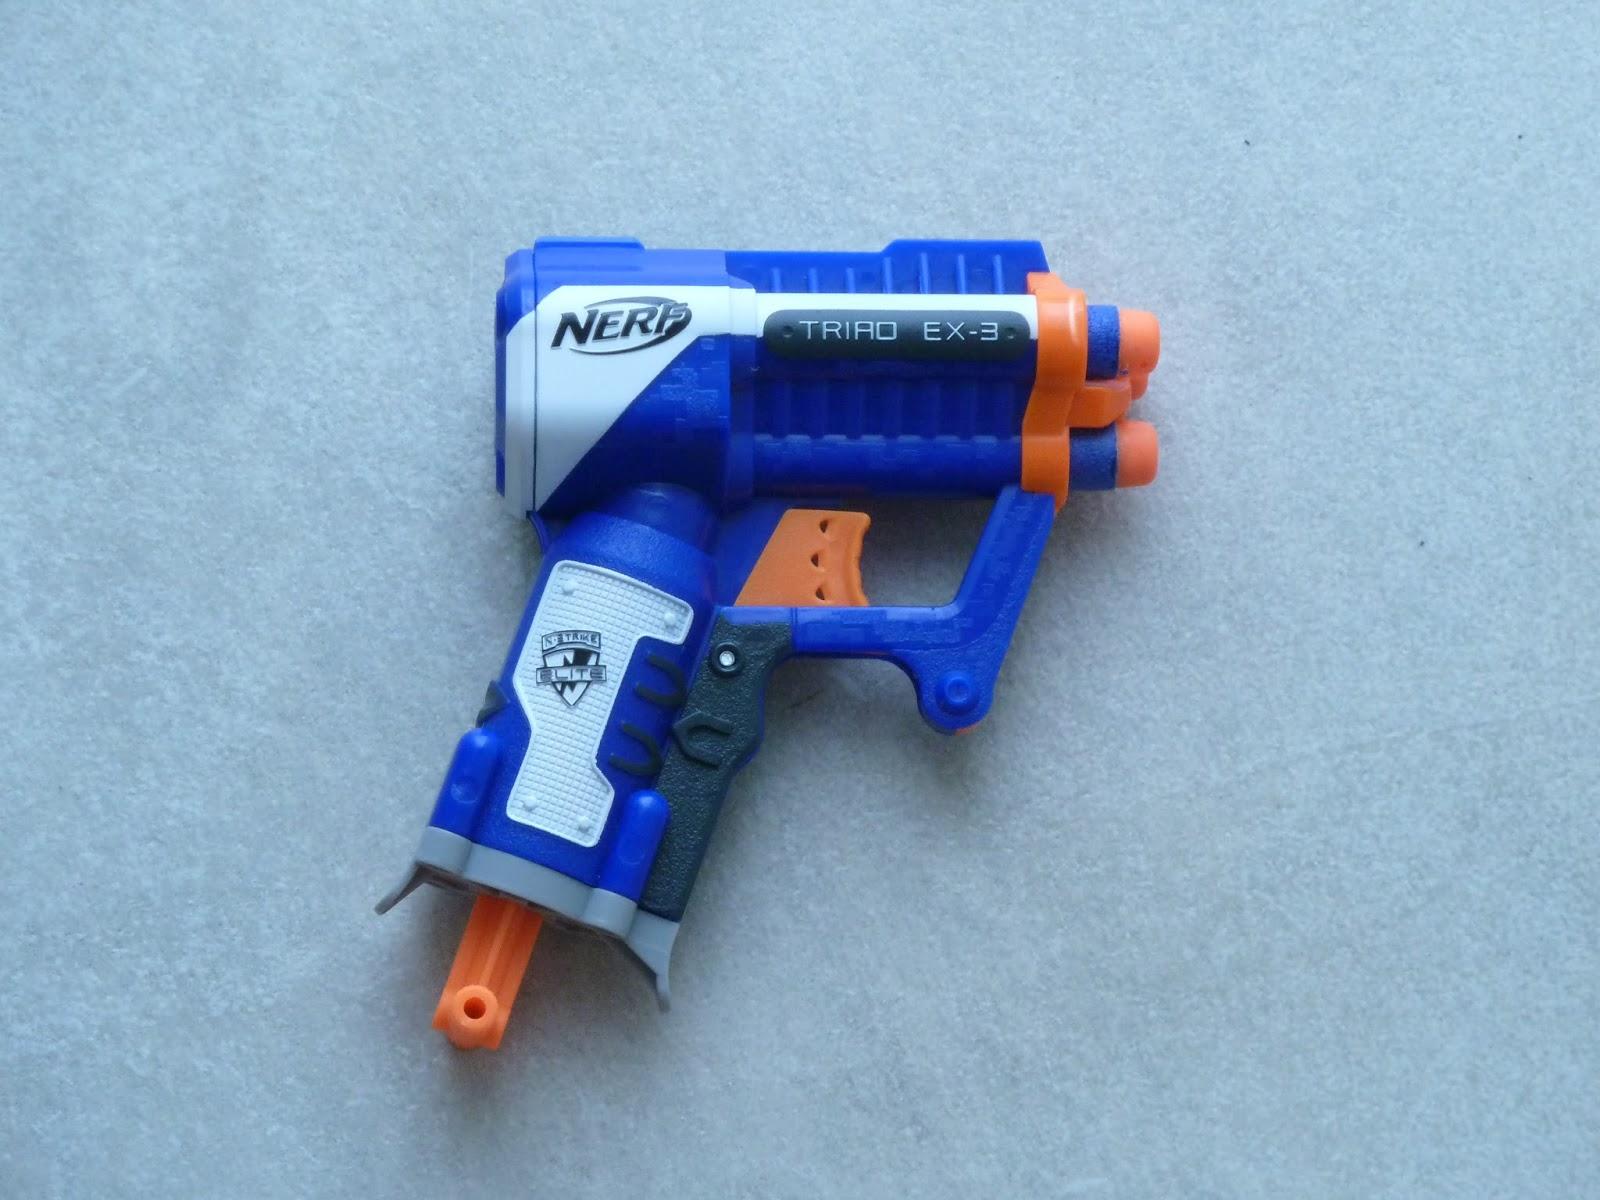 Elite Triad EX-3 – nerf gun